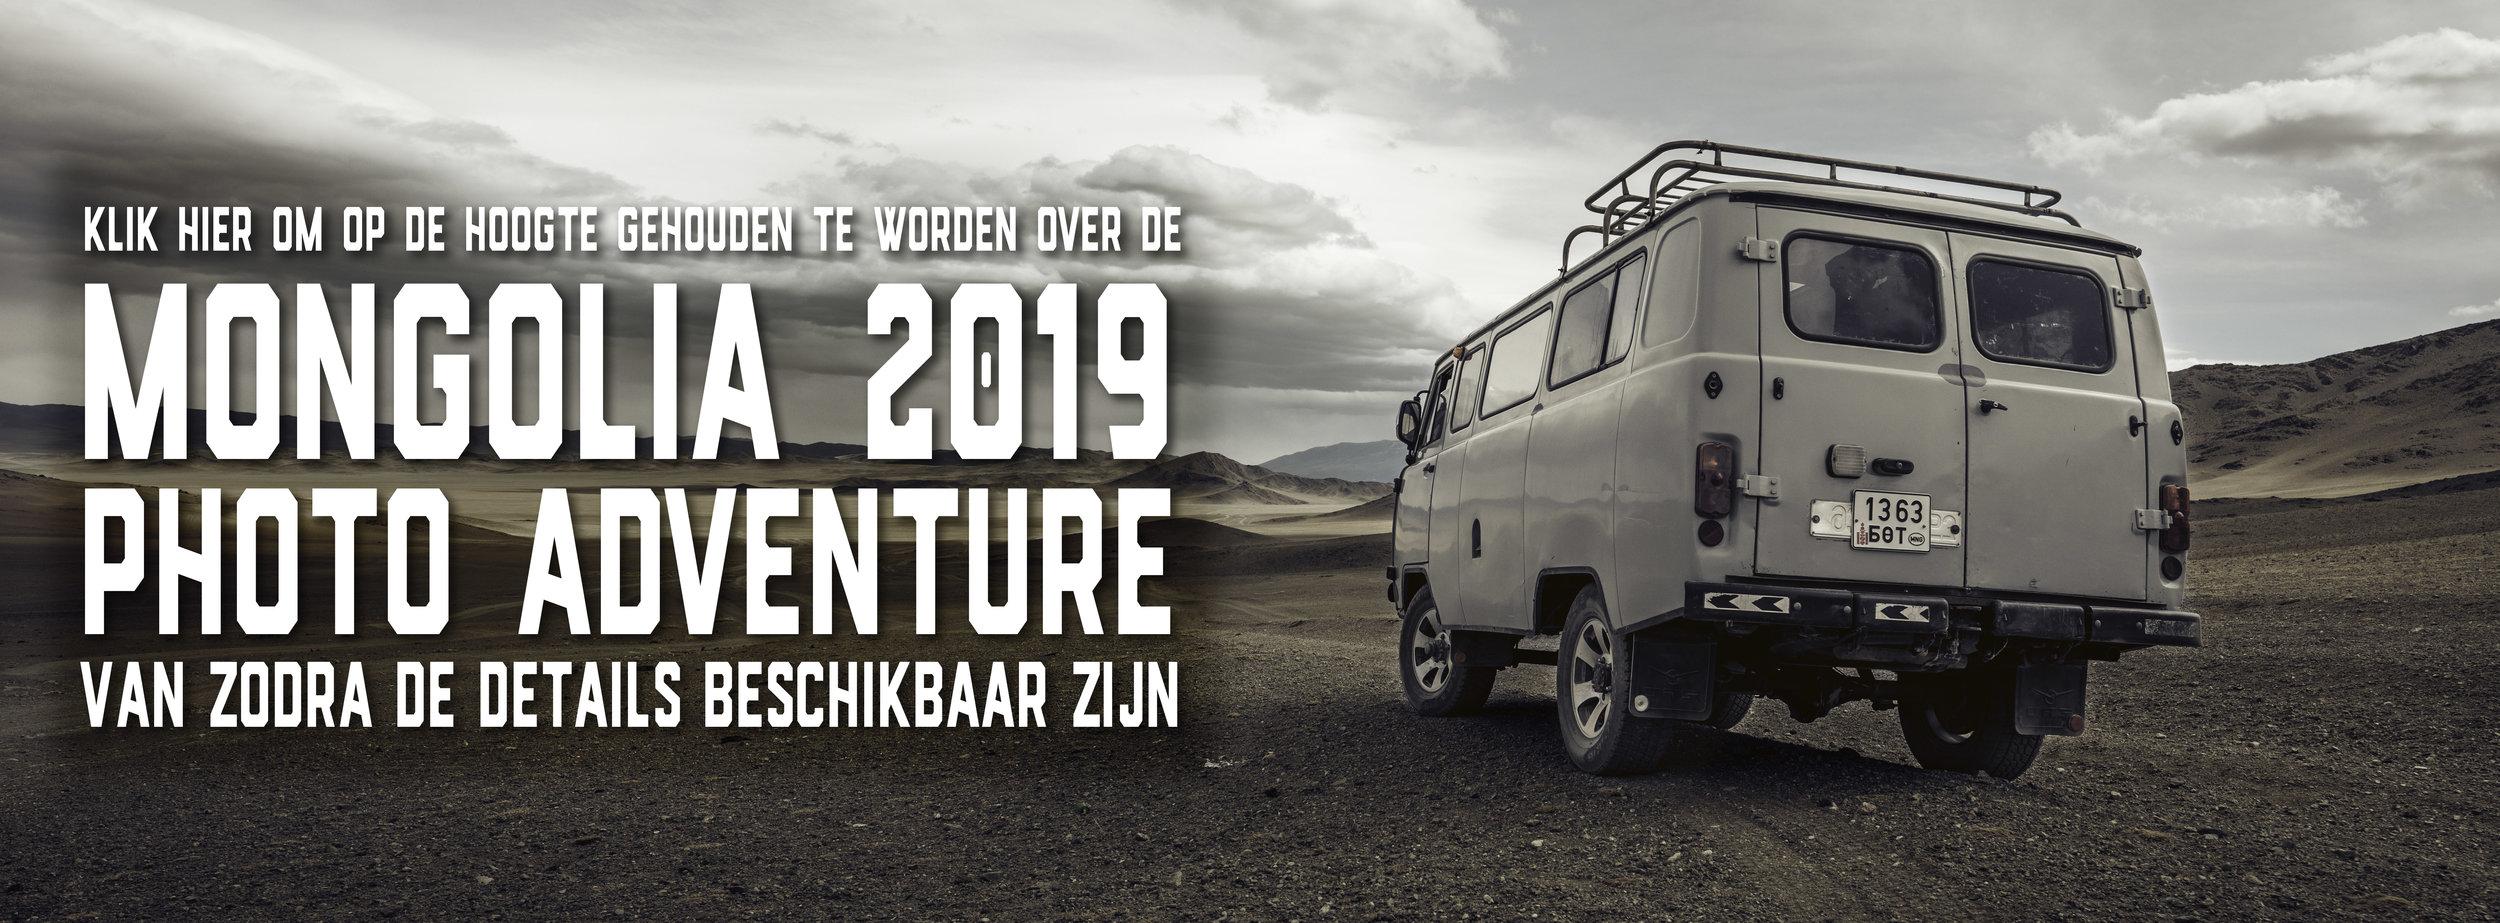 Mongolia2019Banner_NL.jpg